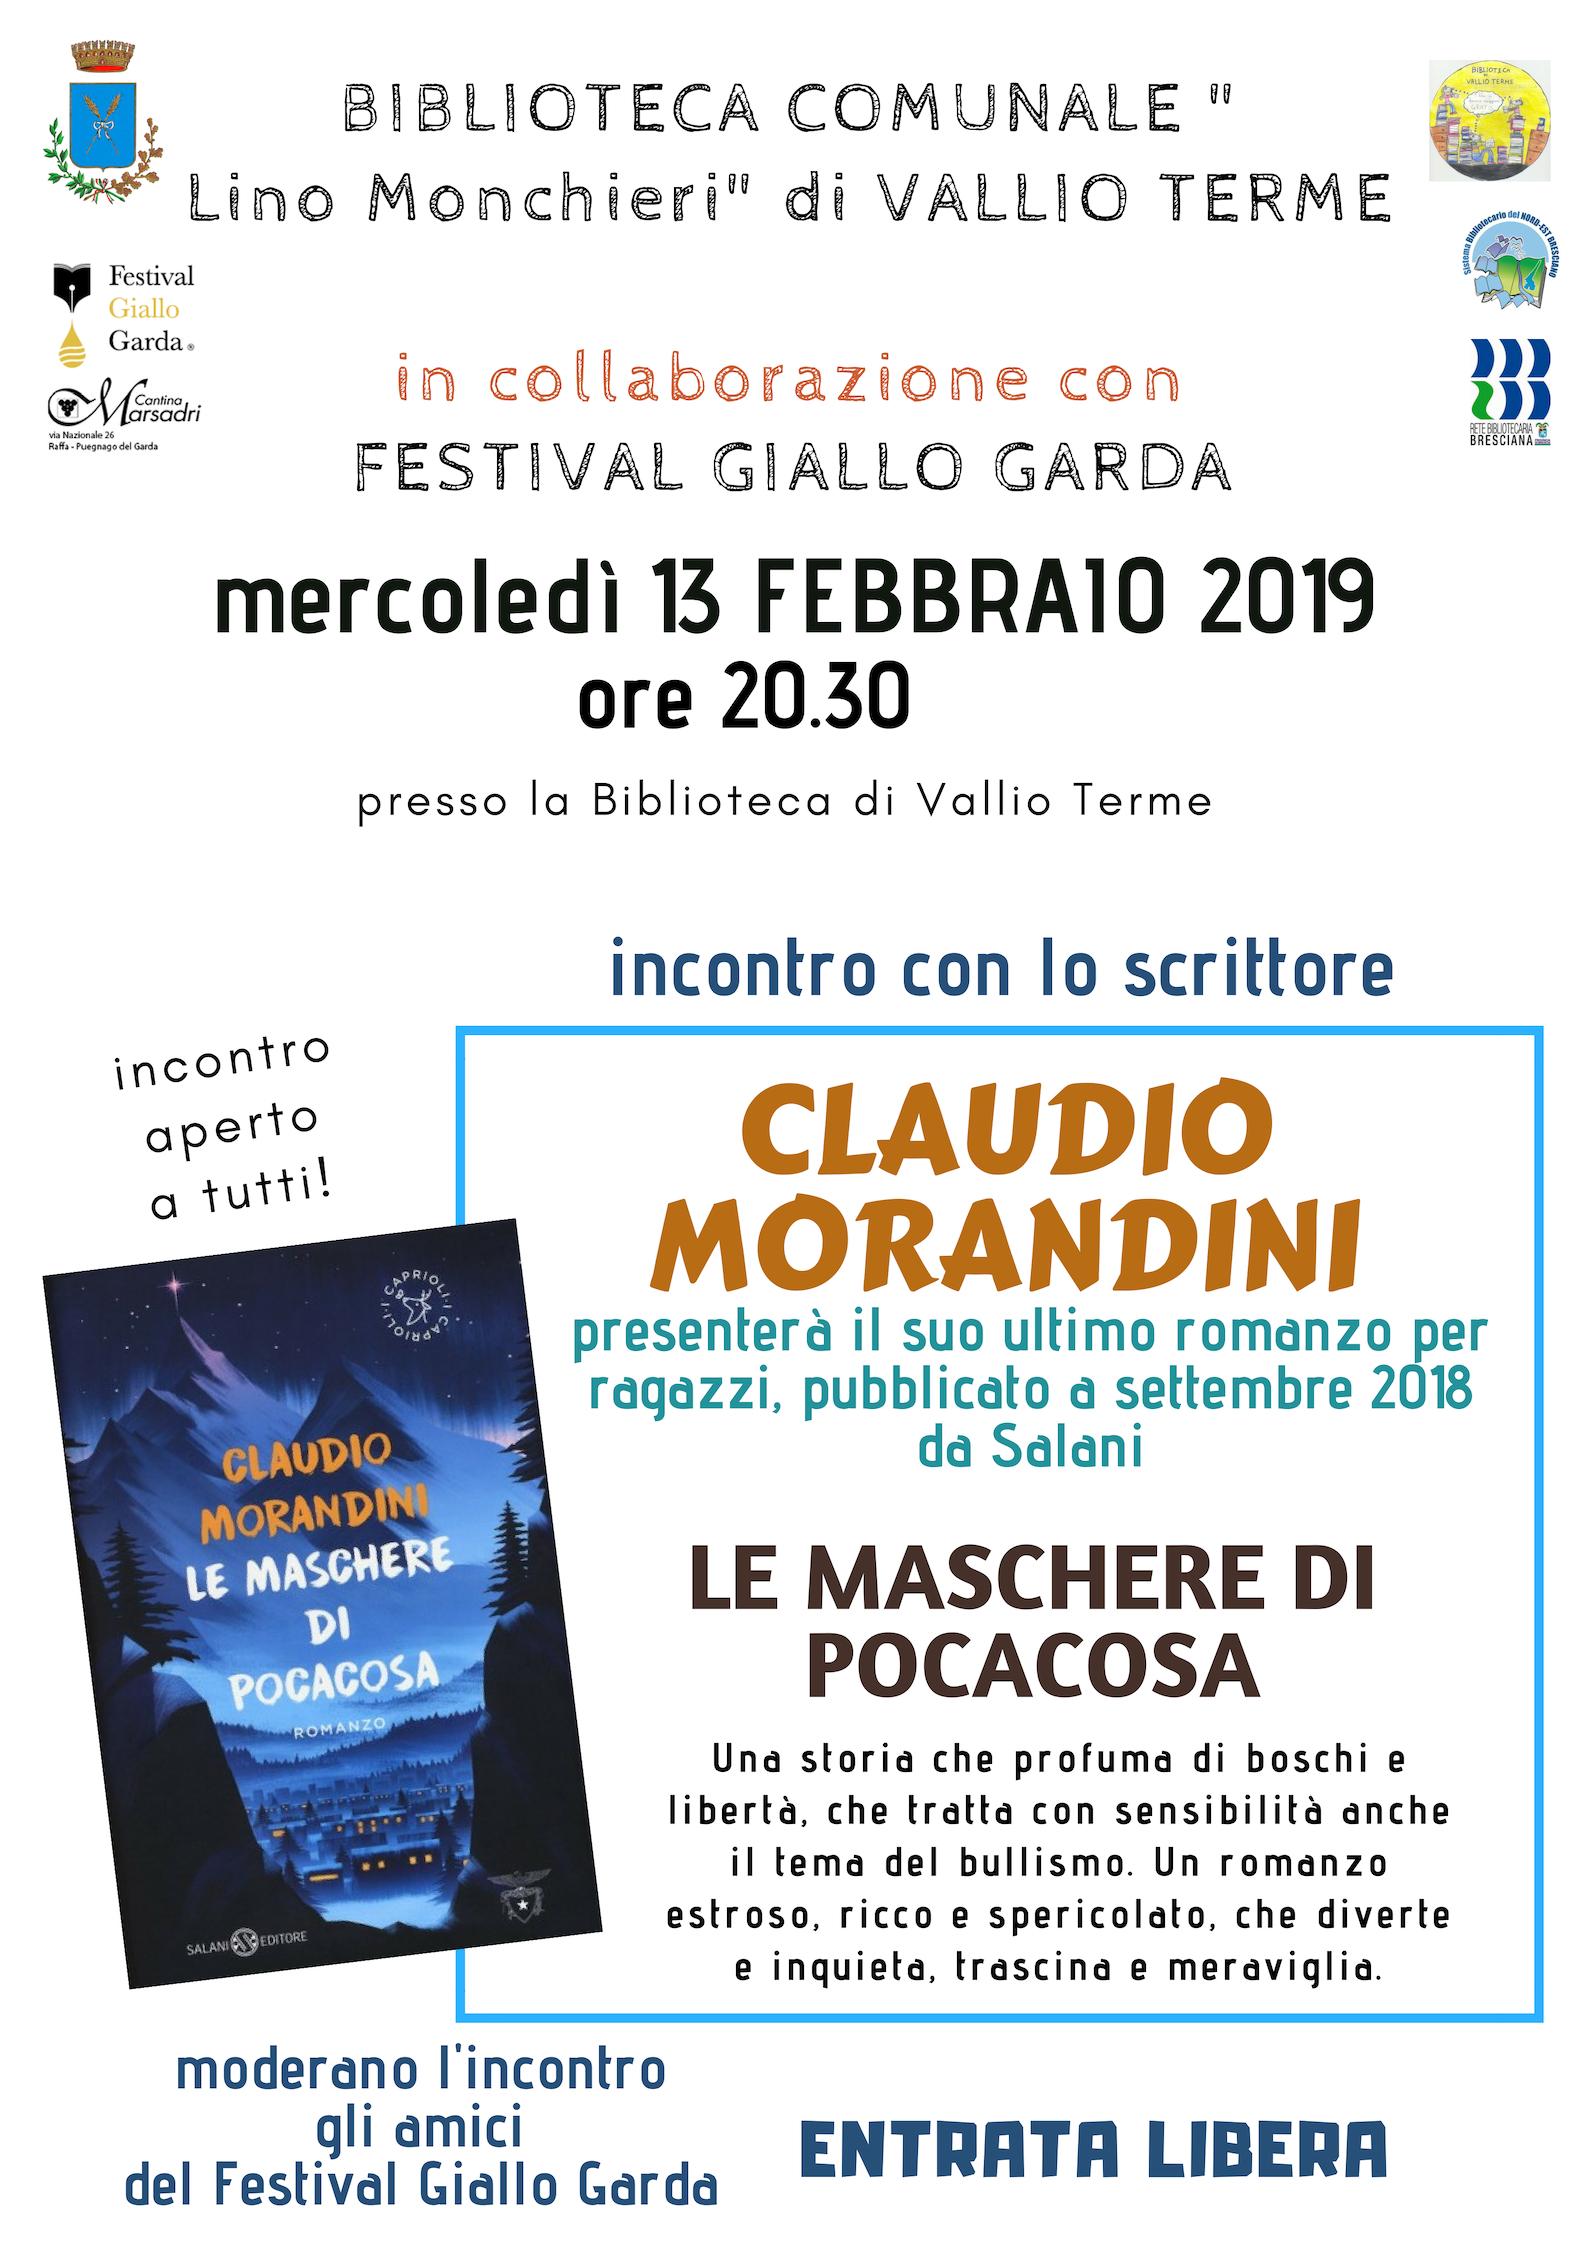 INCONTRO CON LO SCRITTORE CLAUDIO MORANDINI